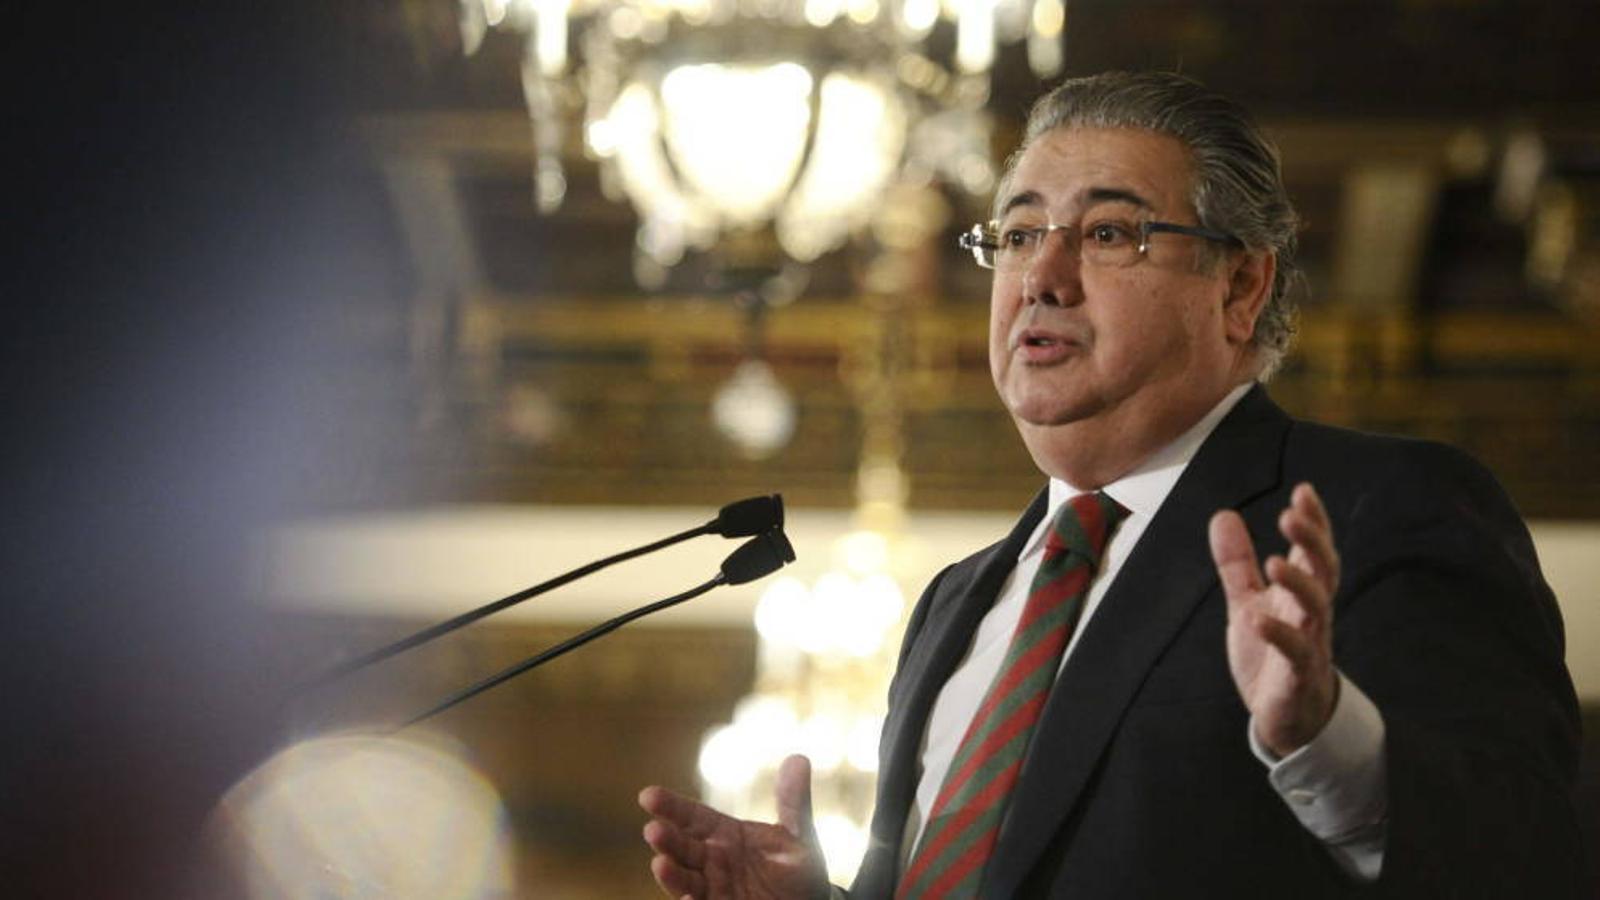 El govern espanyol augmentarà el control dels vols, el lloguer de cotxes i les substàncies per fer explosius i drogues